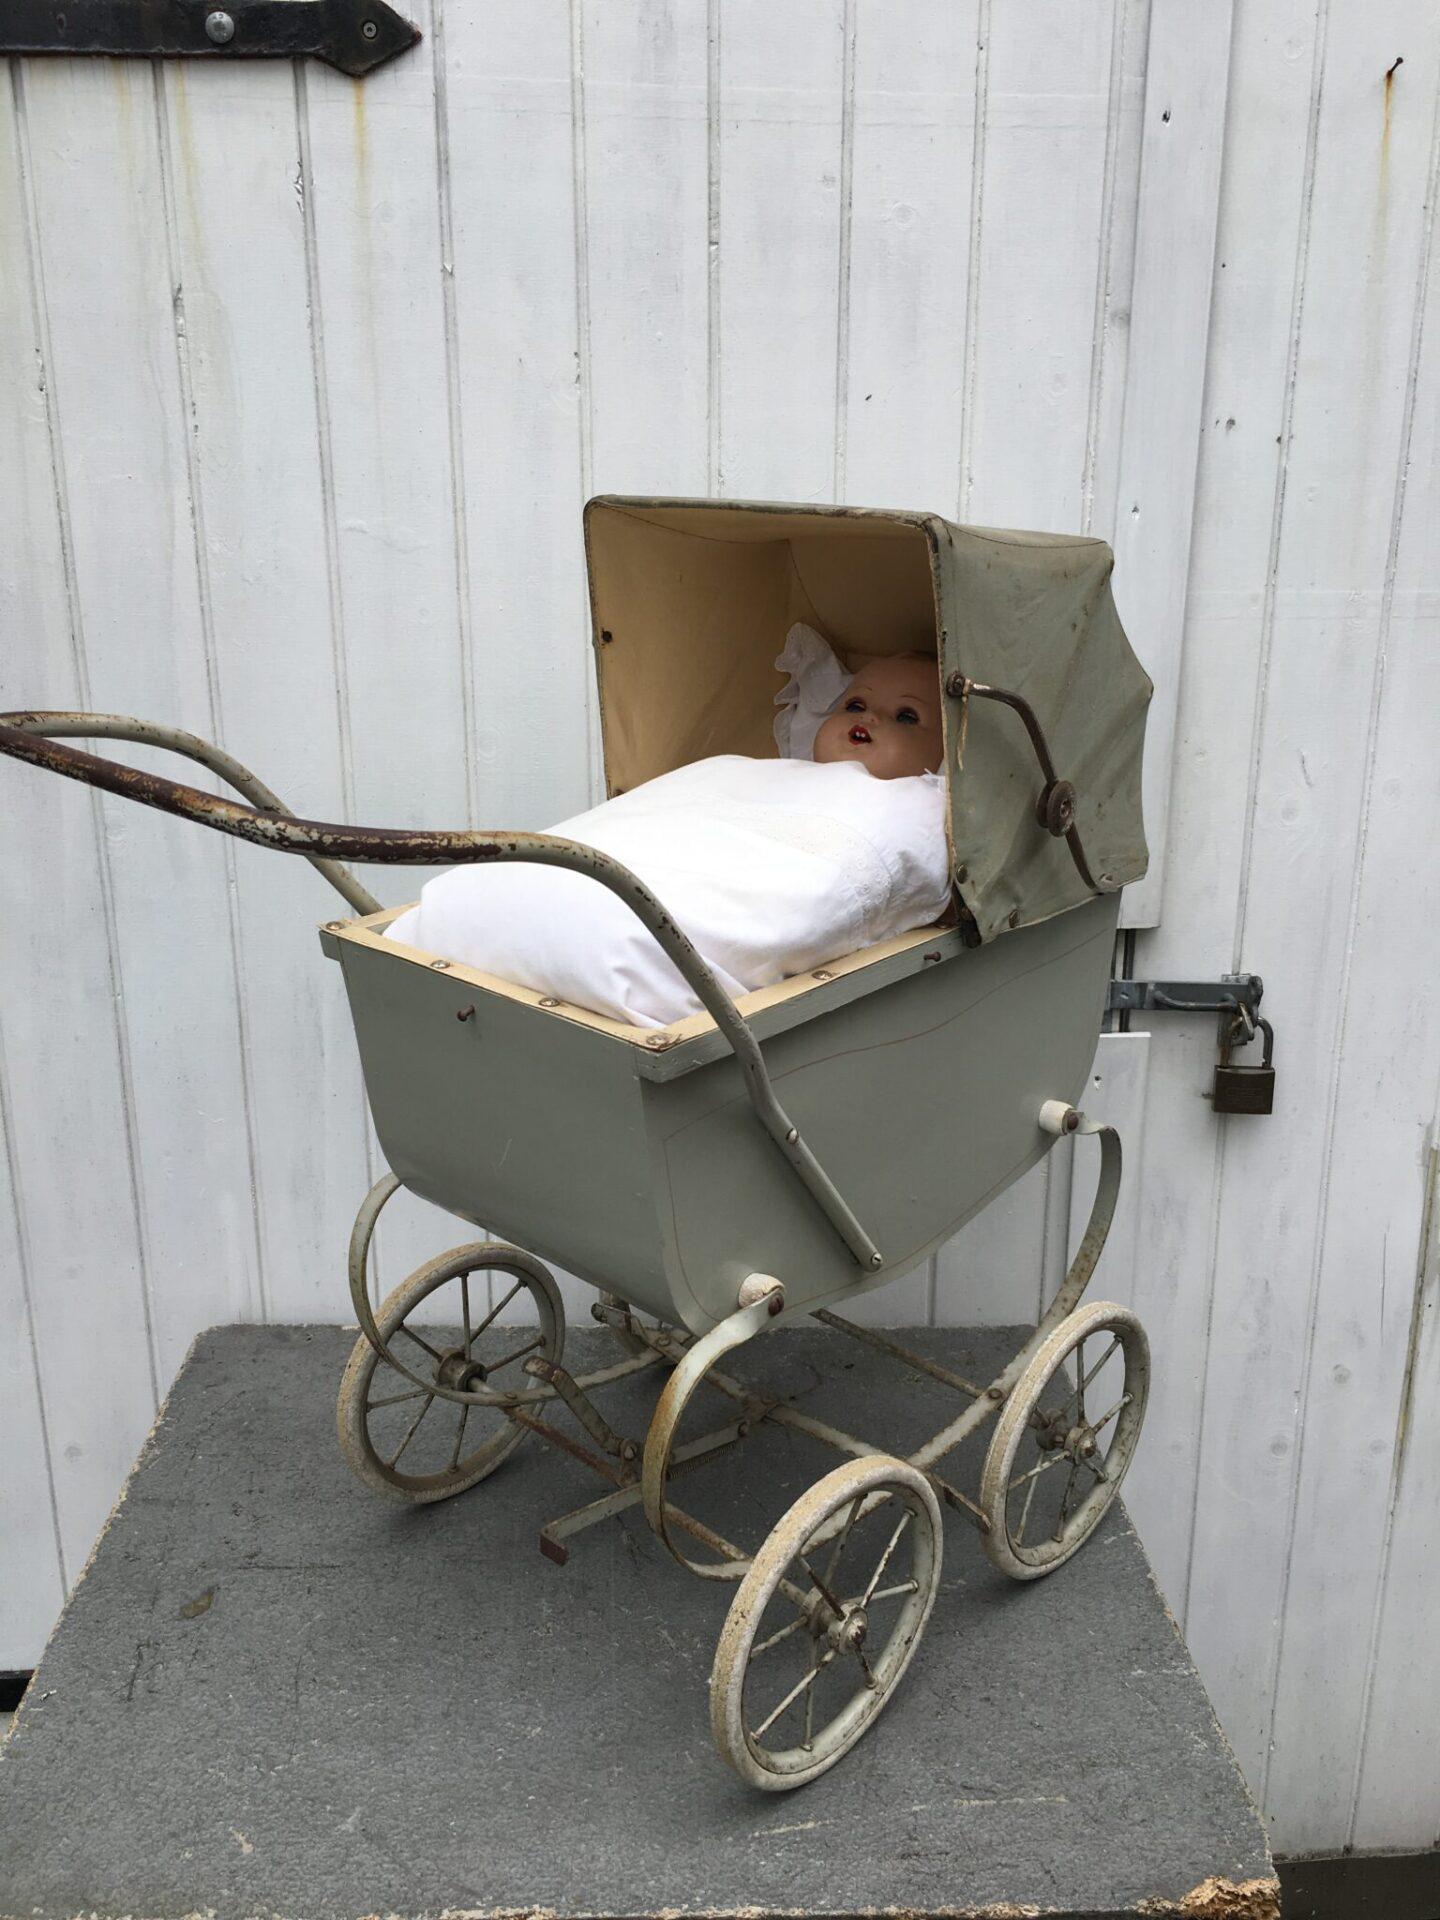 Dukkevogn med dukke, pris 300 kr